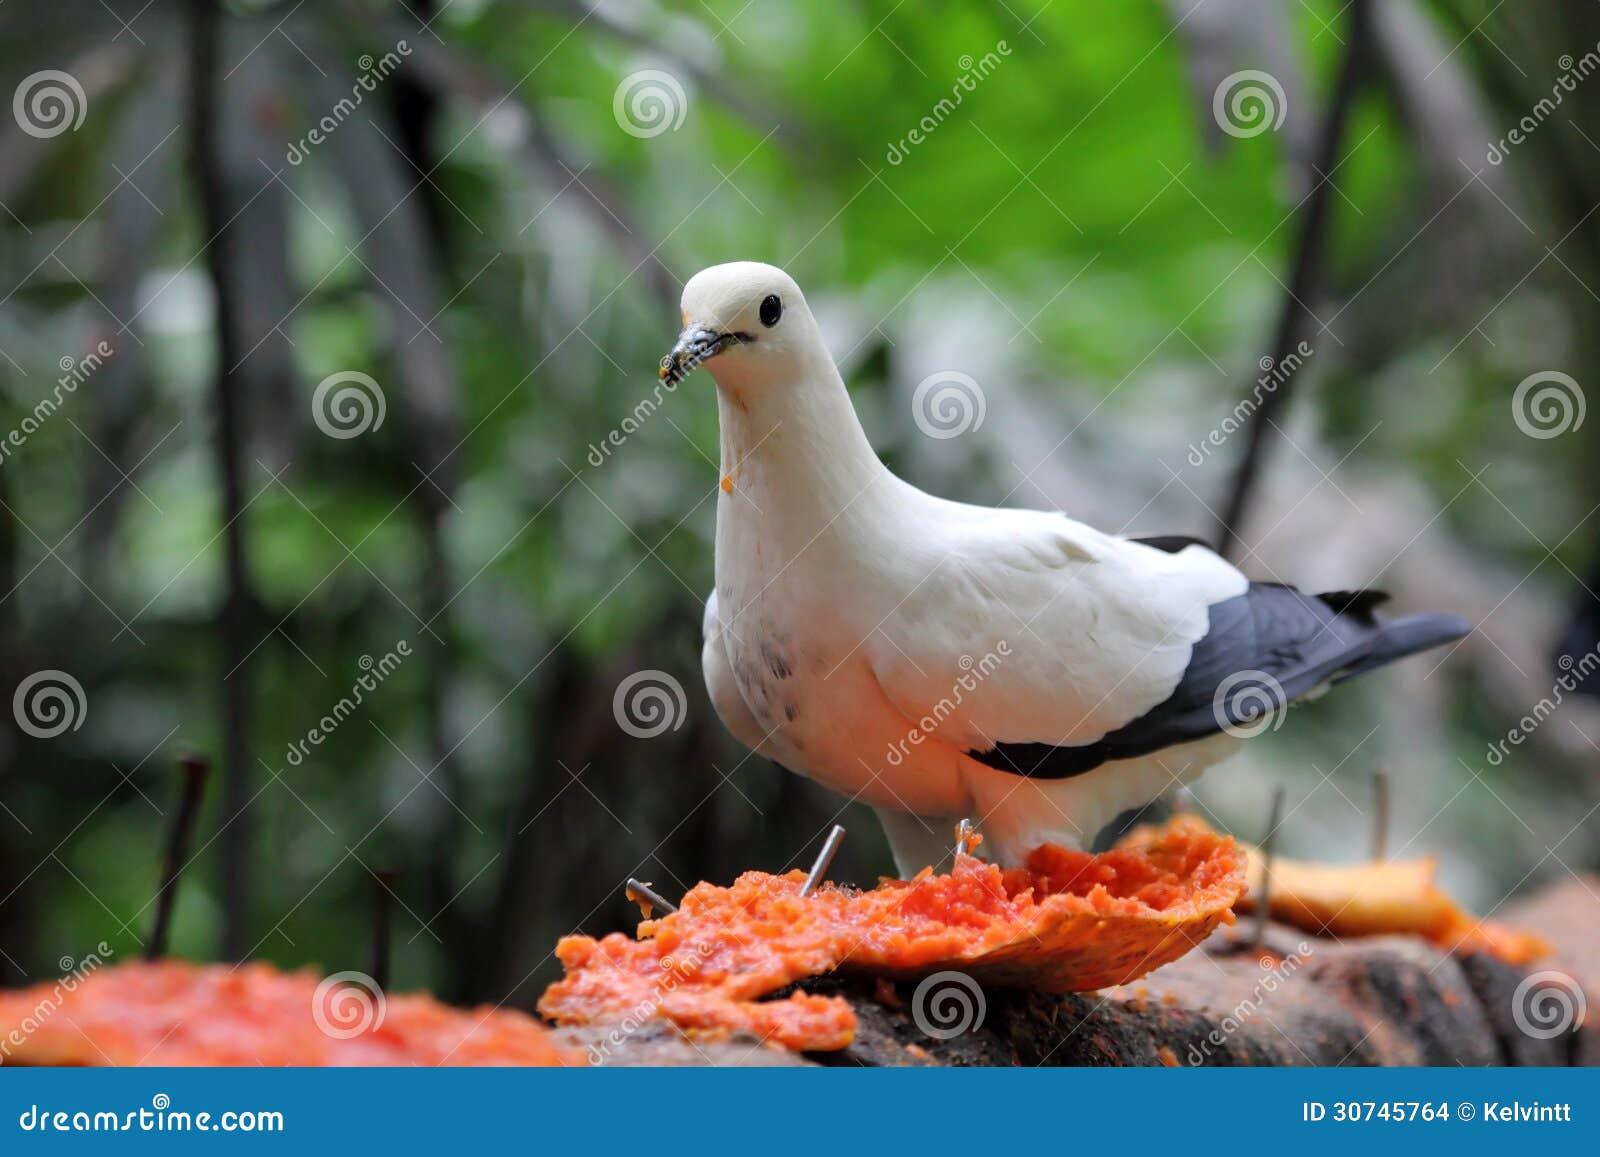 吃番木瓜的鸟/蝴蝶鸽子是怎么演变的图片